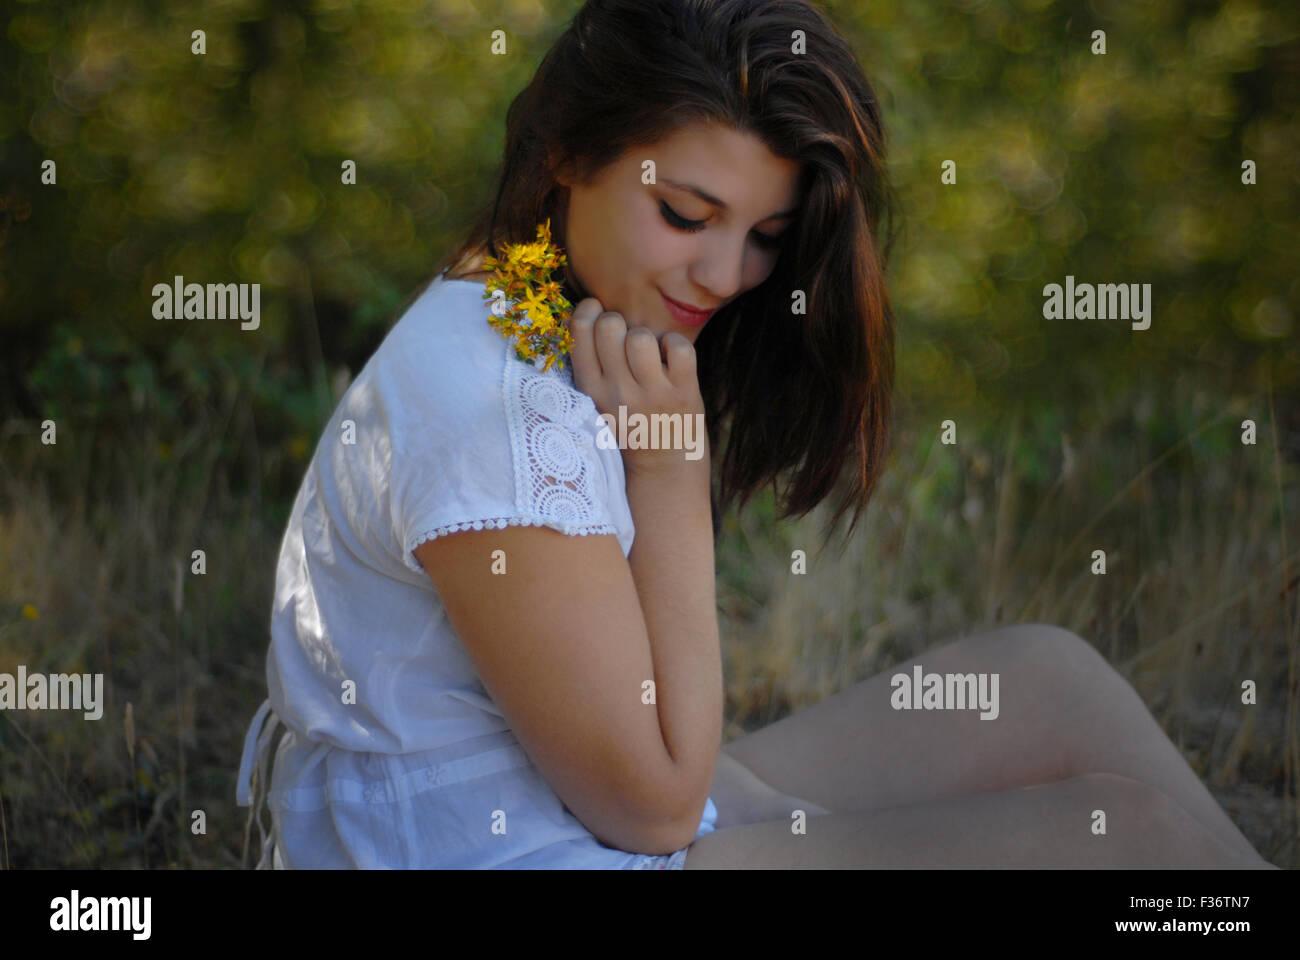 Belle fille à la recherche vers le bas avec des fleurs jaunes dans ses mains dans une robe blanche Banque D'Images